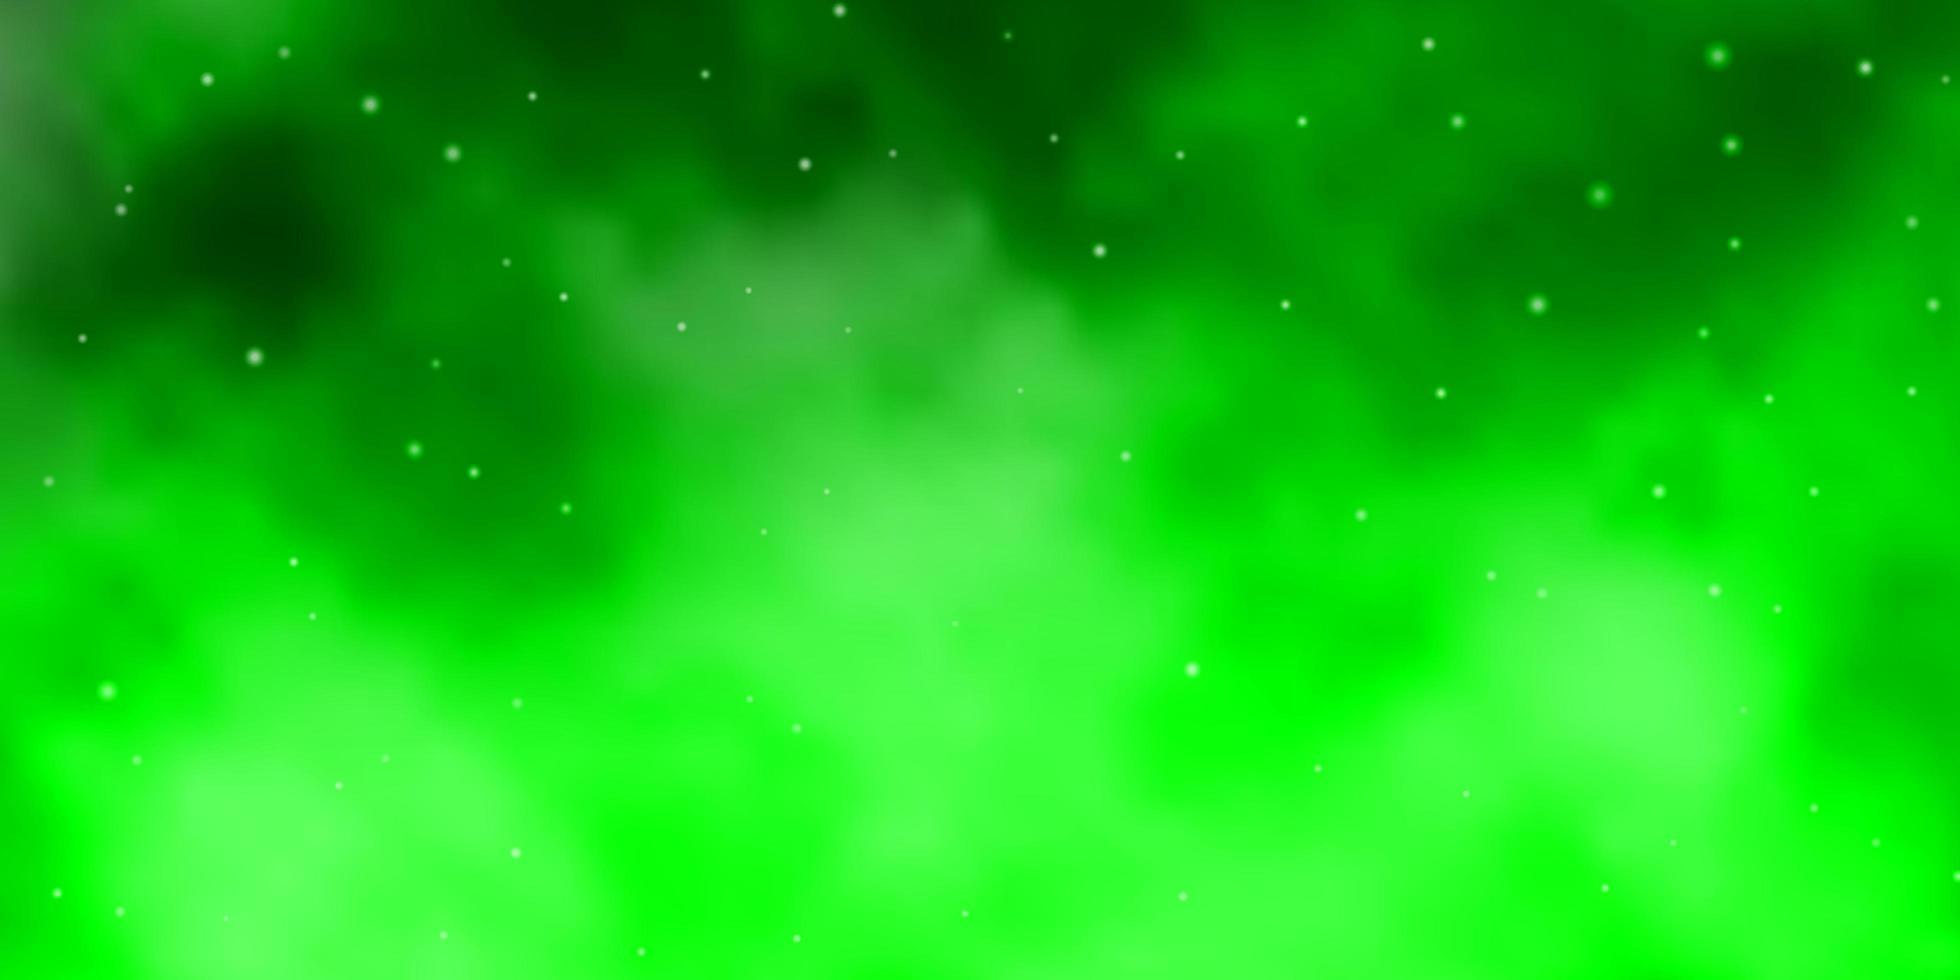 textura vector verde claro com belas estrelas.